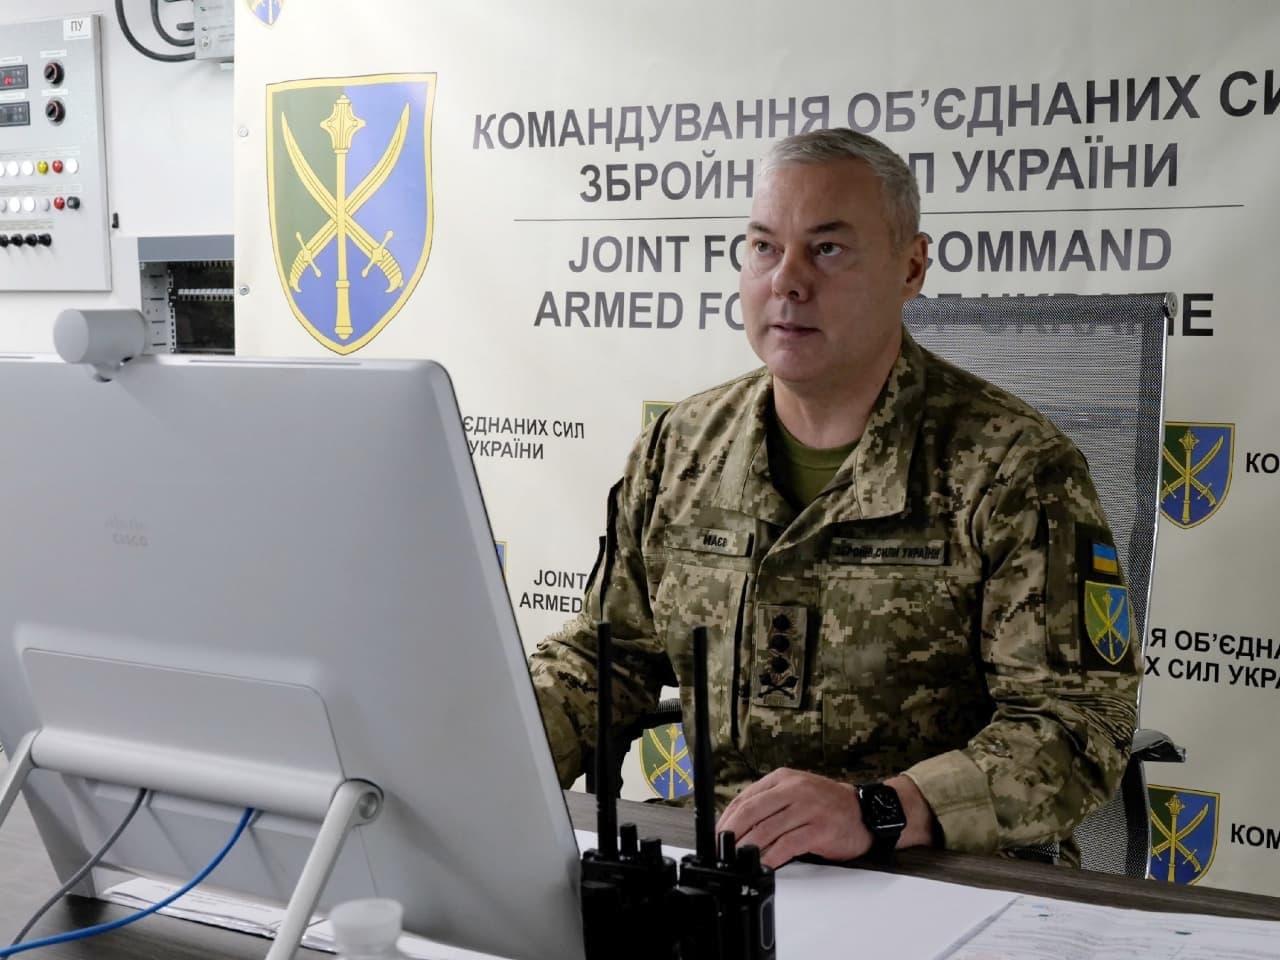 командувач об'єднаних сил ЗС України генерал-лейтенант Сергій Наєв